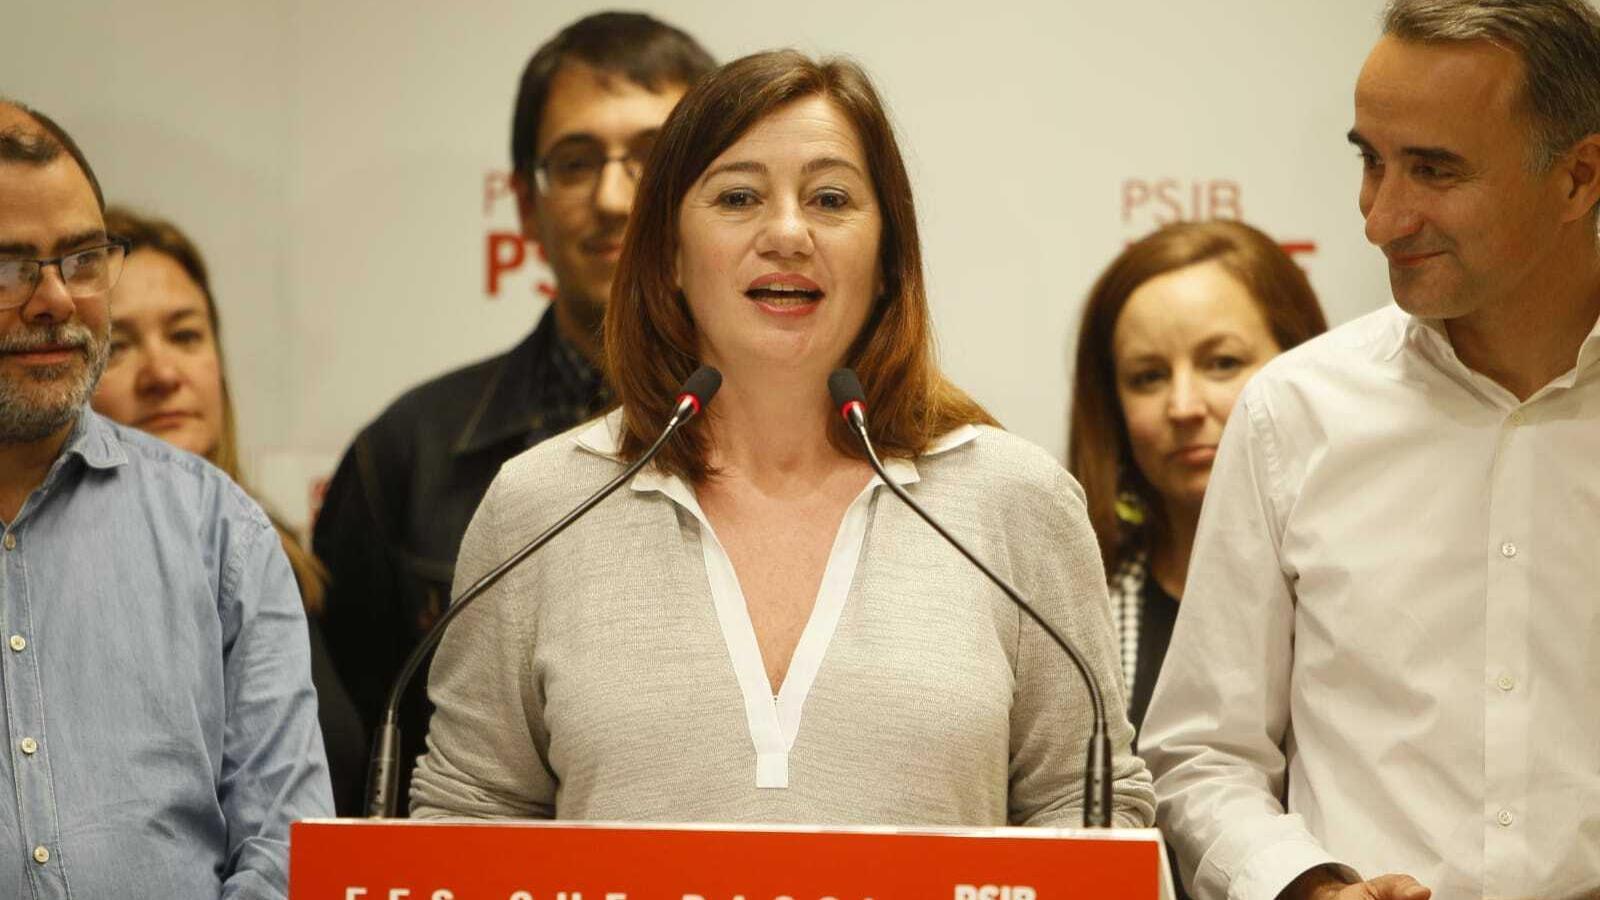 Les esquerres podrien governar a la Comunitat de Madrid per primer cop des de 1995